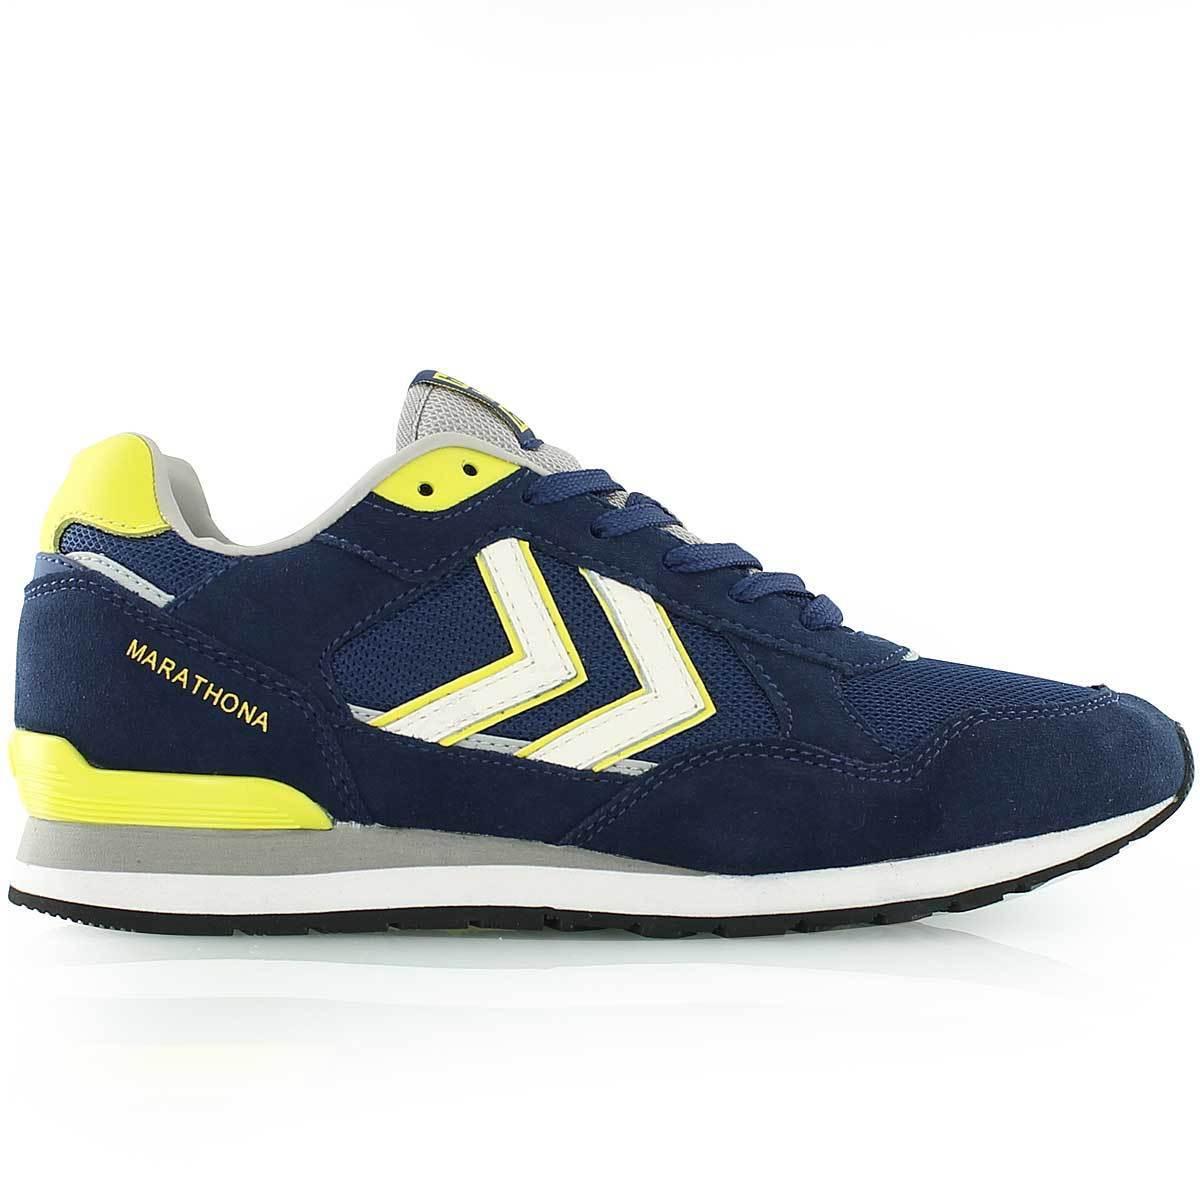 Grandes descuentos nuevos zapatos GOLA SCARPE EQUIPE SUEDE GRAPHITE/GRAPHITE